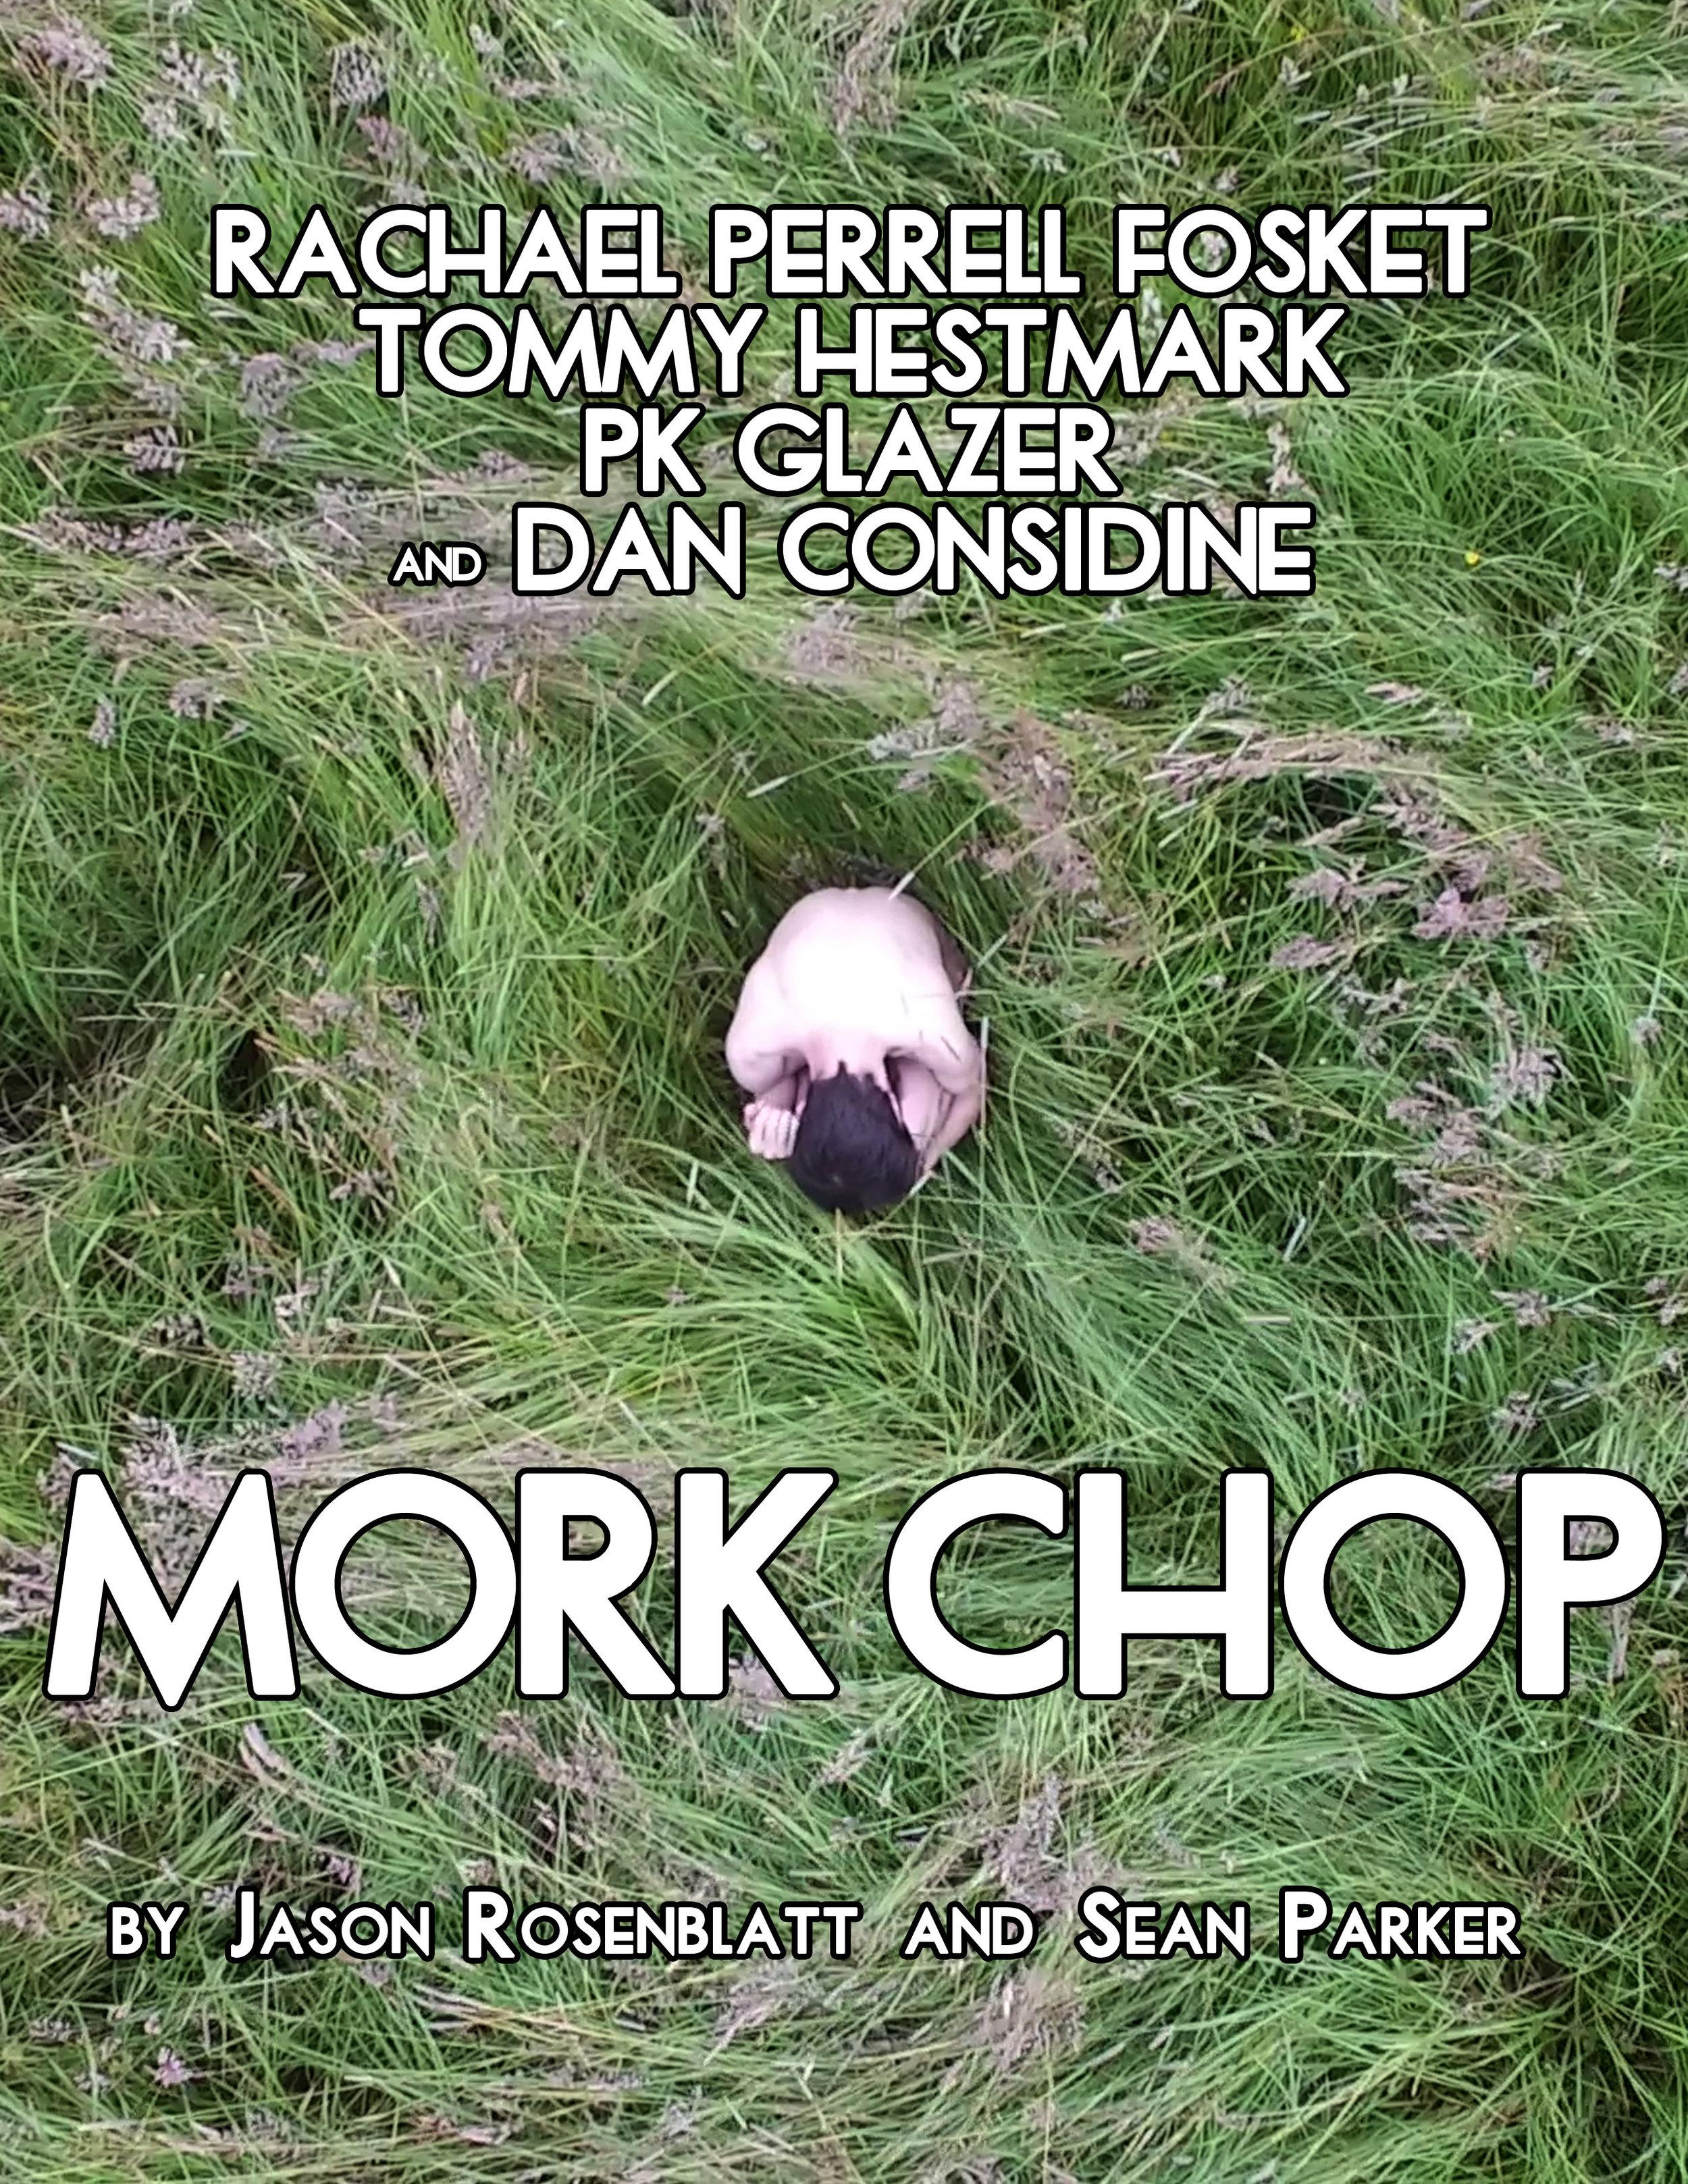 Mork Chop.jpg